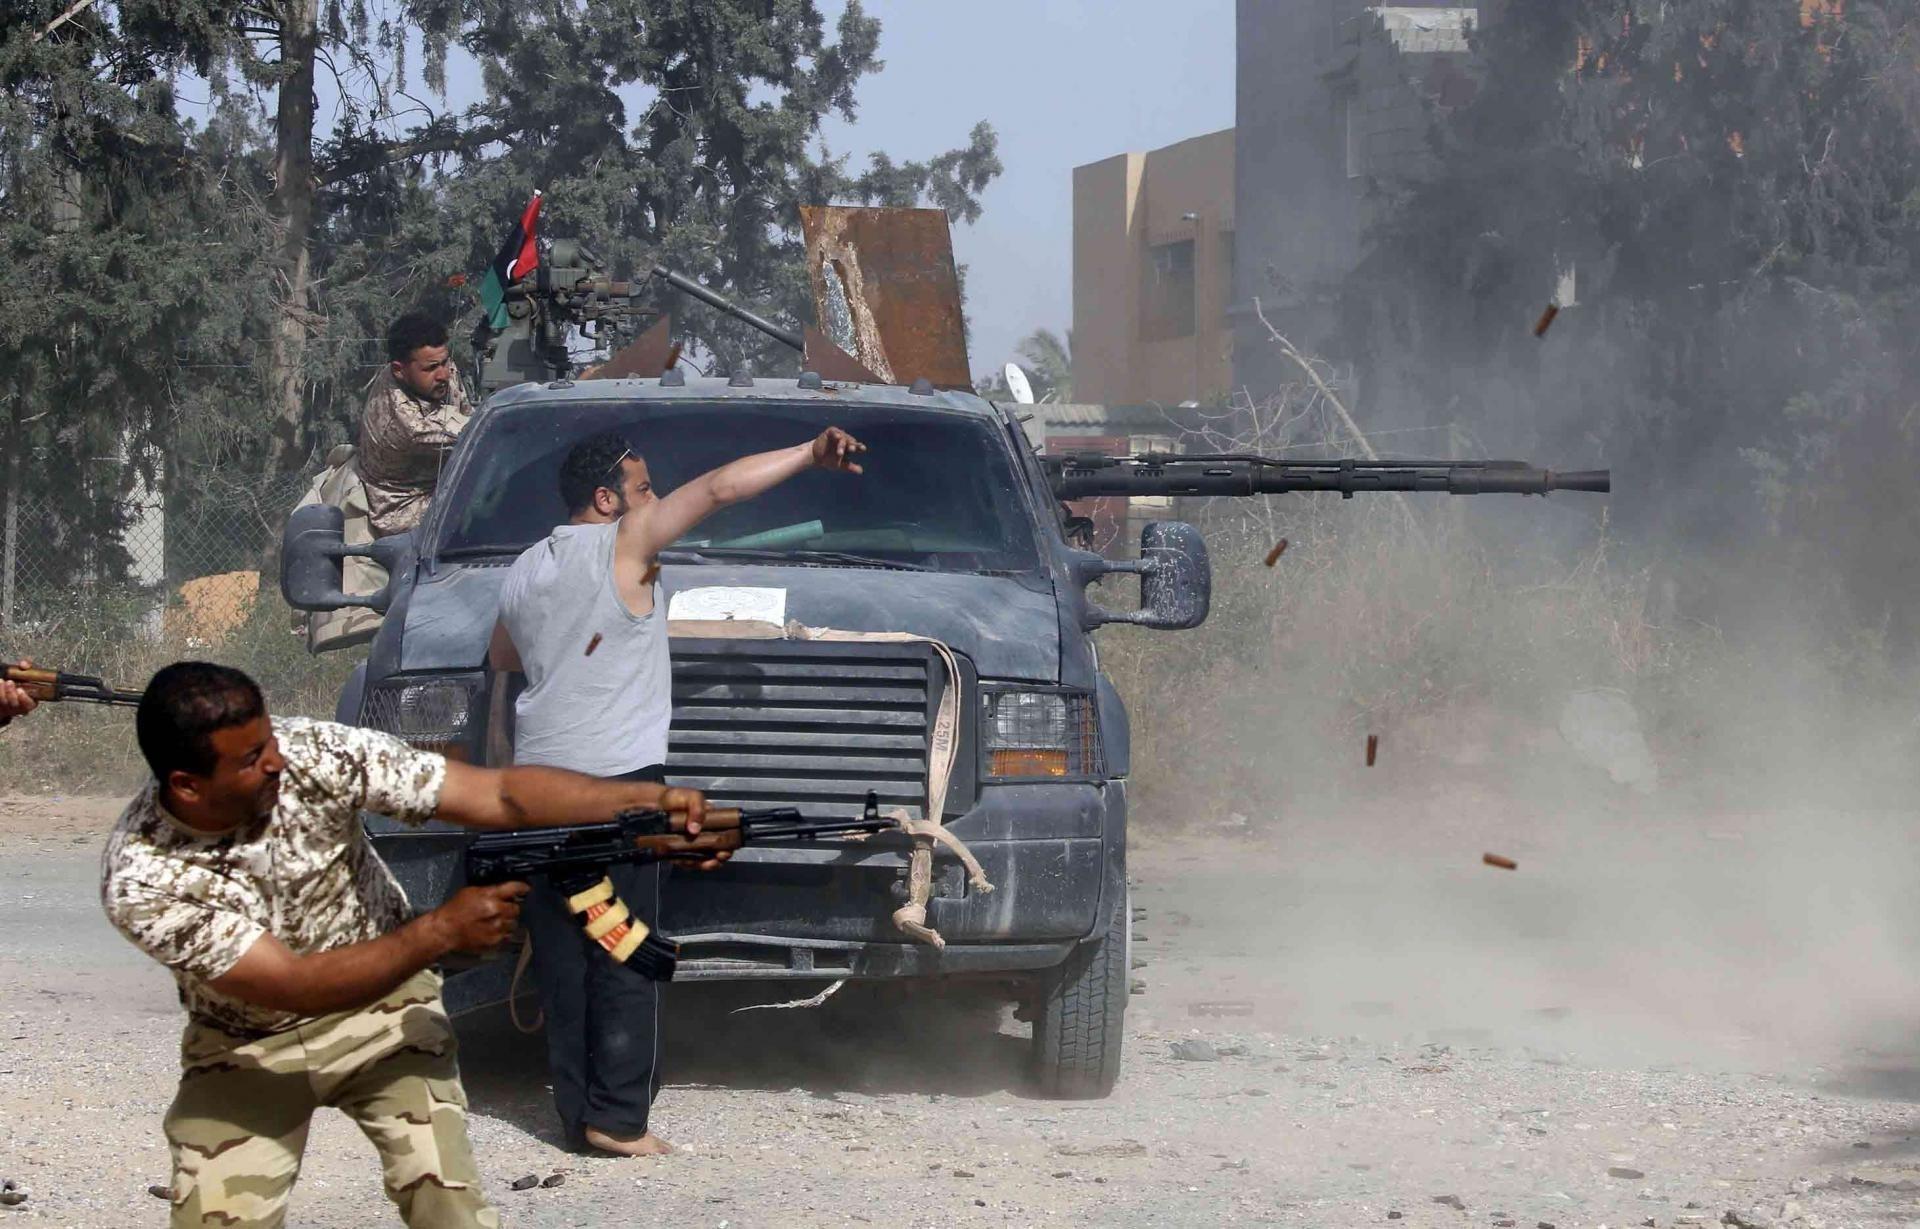 المعارك تتجدّد بين طرفي النزاع في جنوب طرابلس